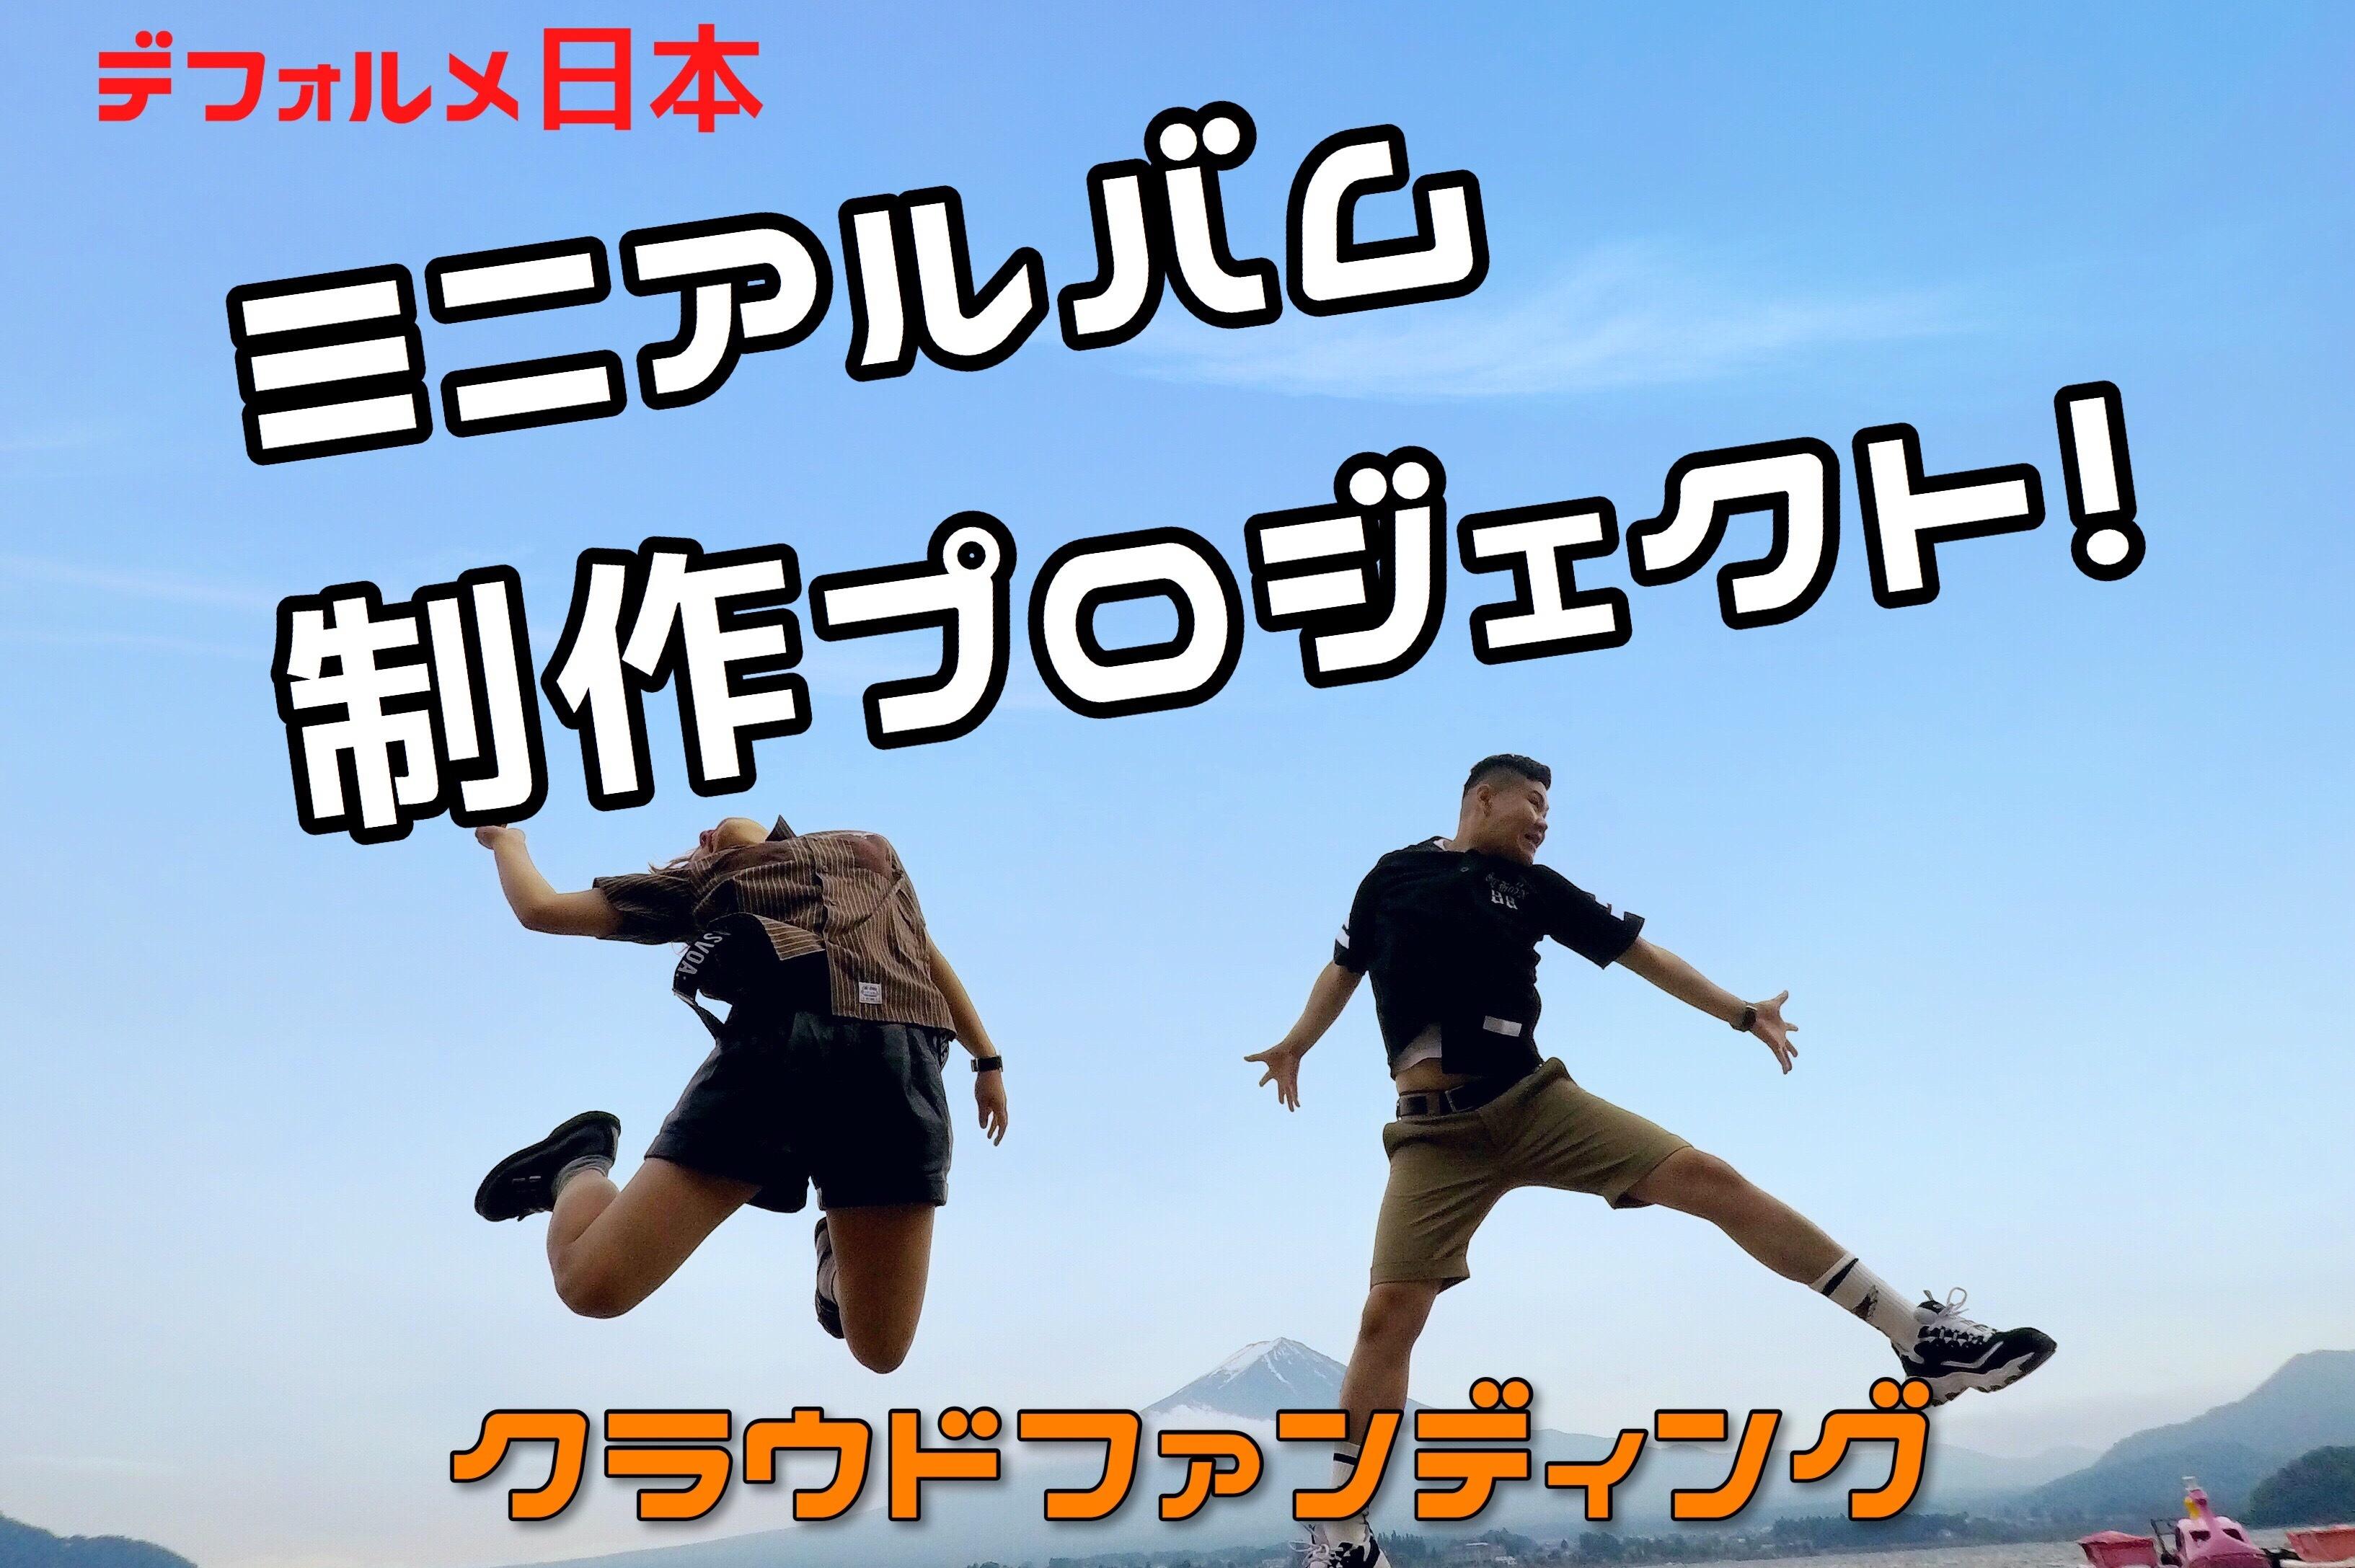 【これぞ、デフォルメ日本】二人と共に作るミニアルバム制作キャンペーン!!